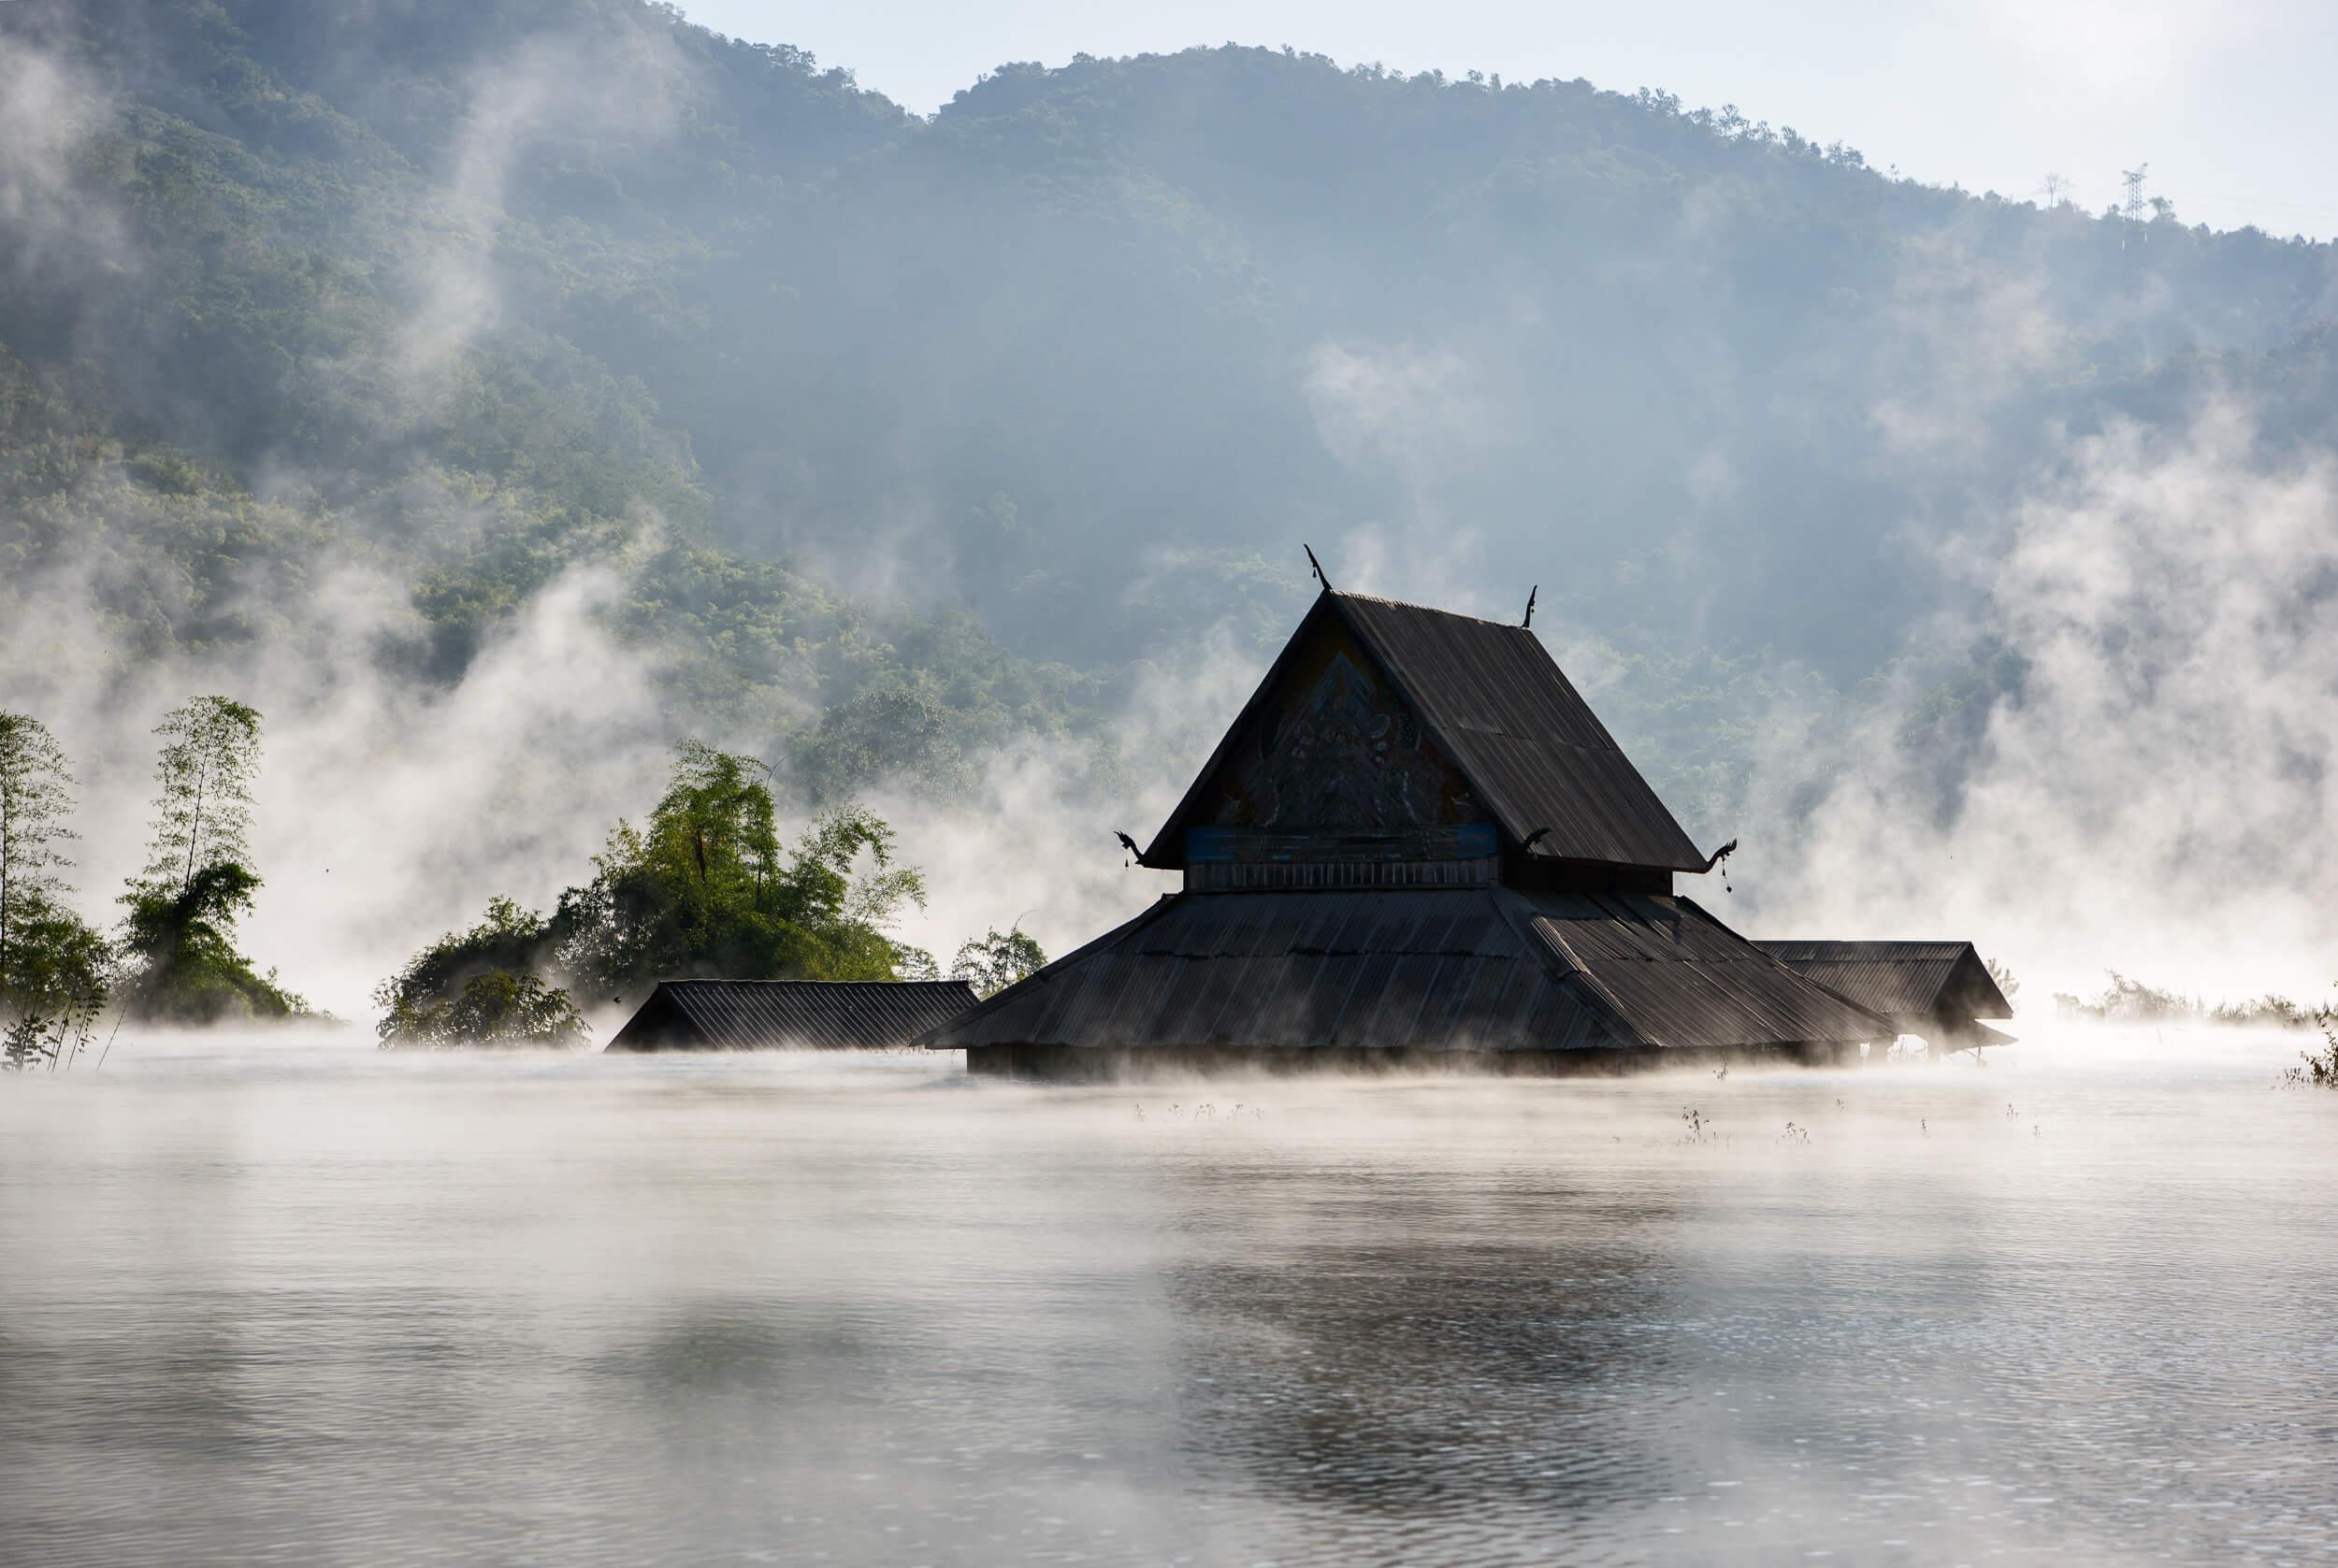 Nam Ou River in Laos